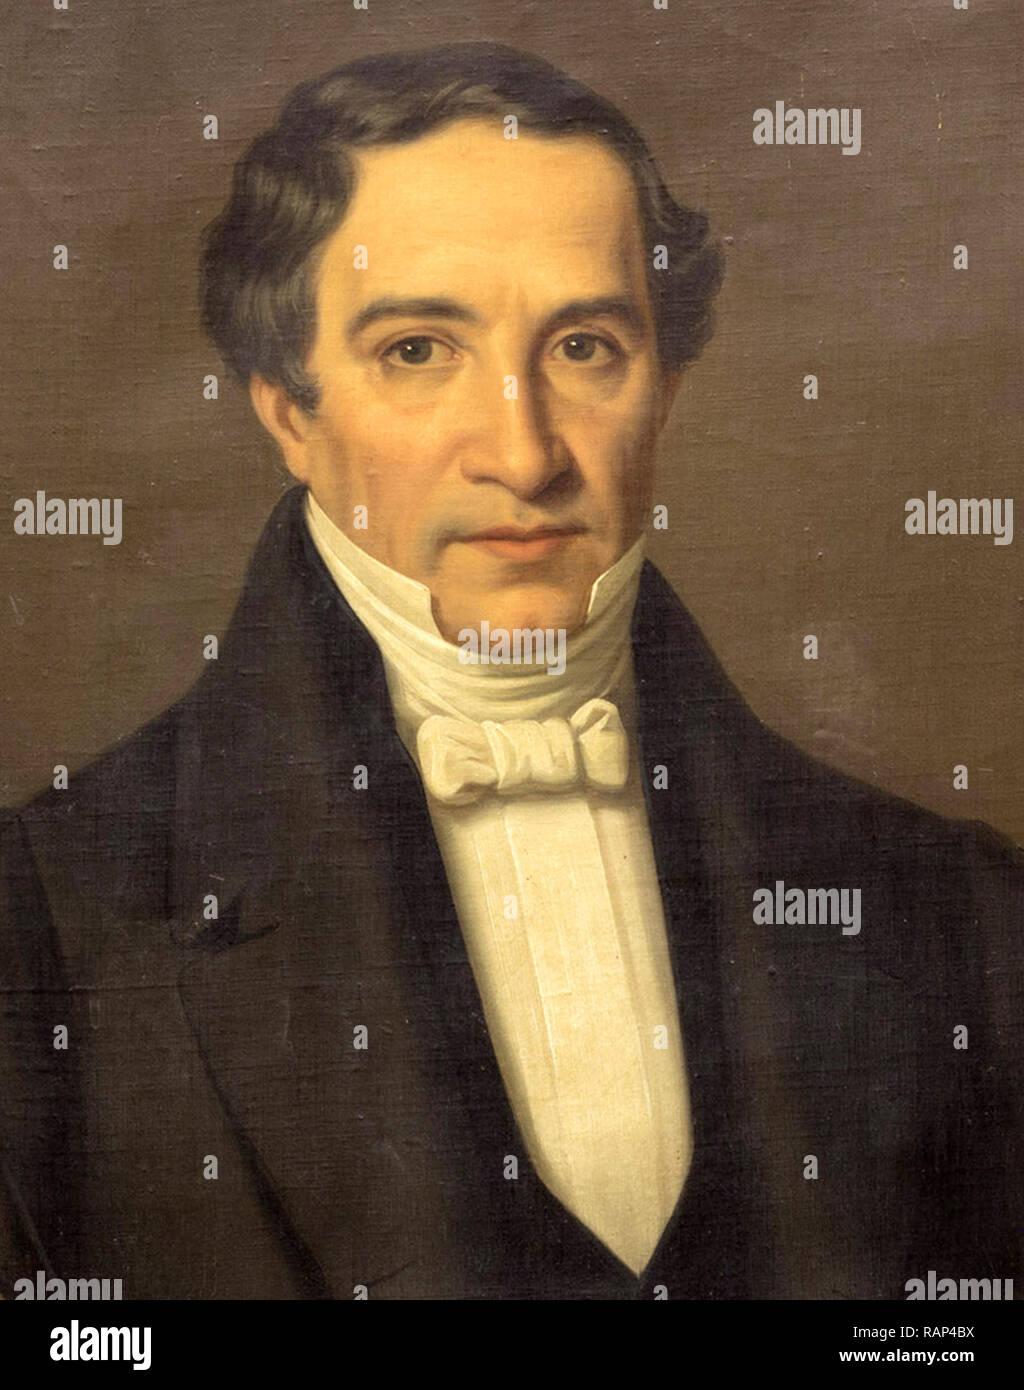 José María Bocanegra (1787 – 1862).3rd President of Mexico - Stock Image